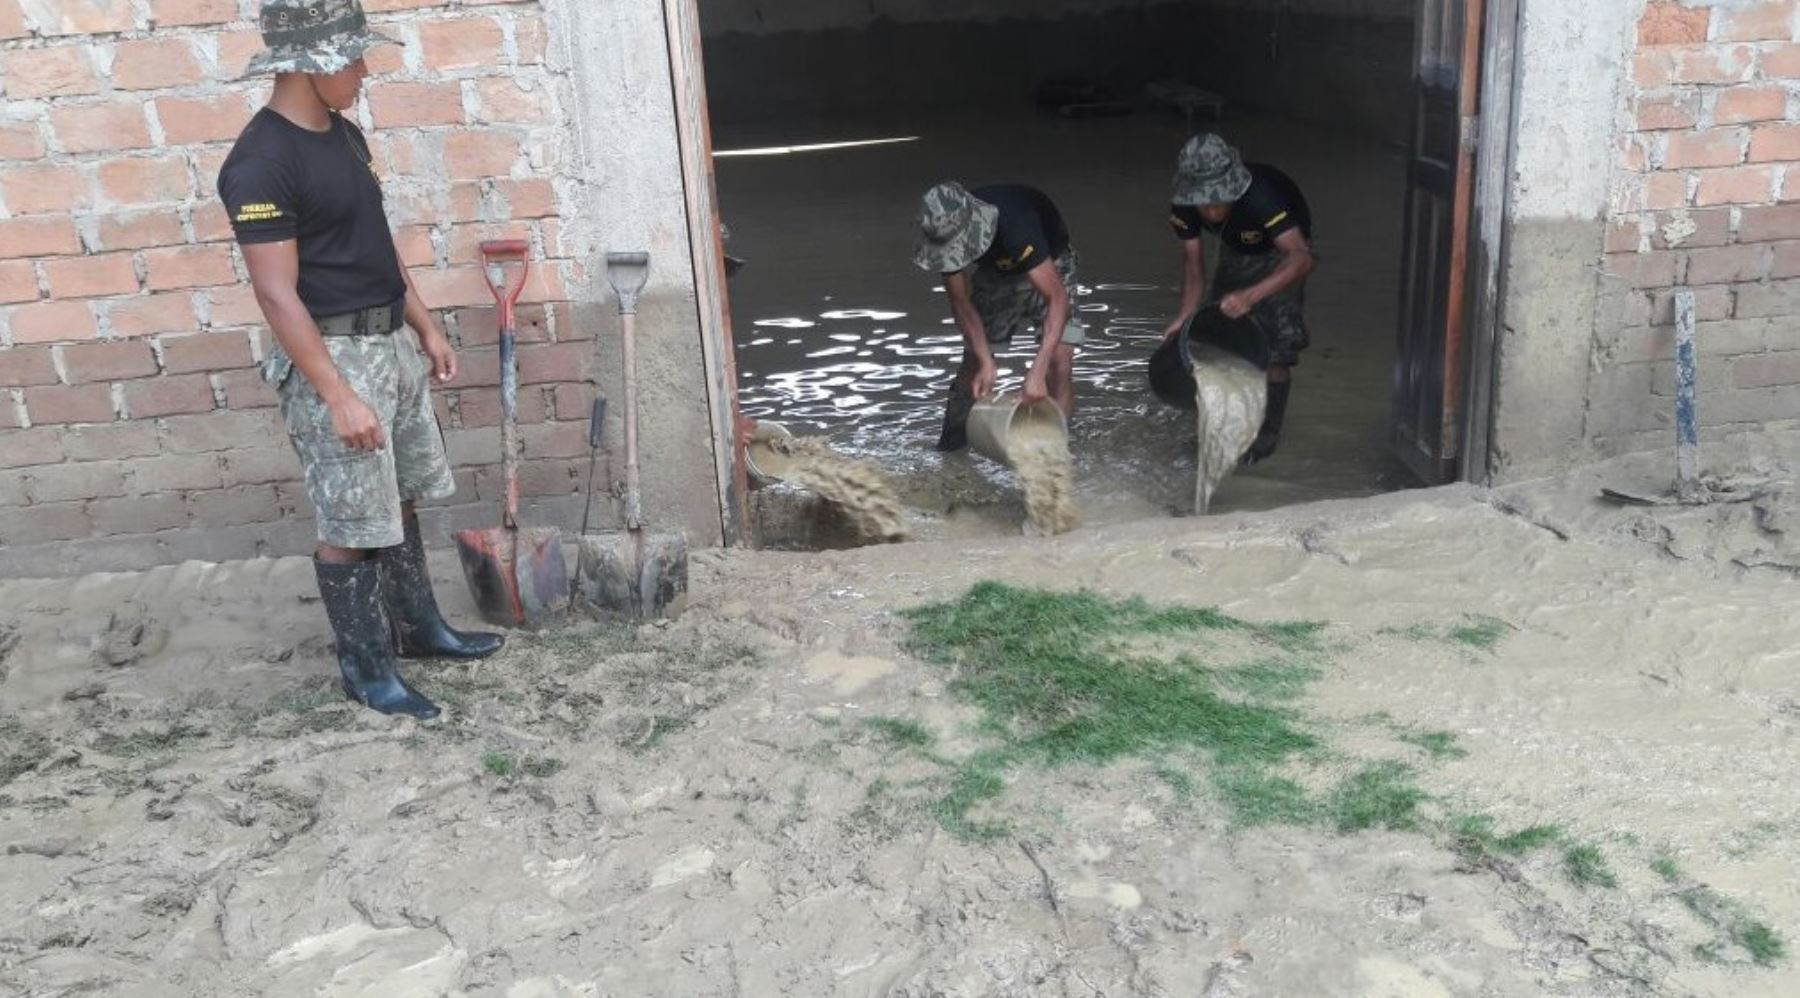 Más de 40 efectivos de la Tercera Brigada del Ejército que llegaron en la víspera vienen cumpliendo una importante labor de auxilio a la población damnificada por las inundaciones en la provincia de Picota, en la región San Martín.